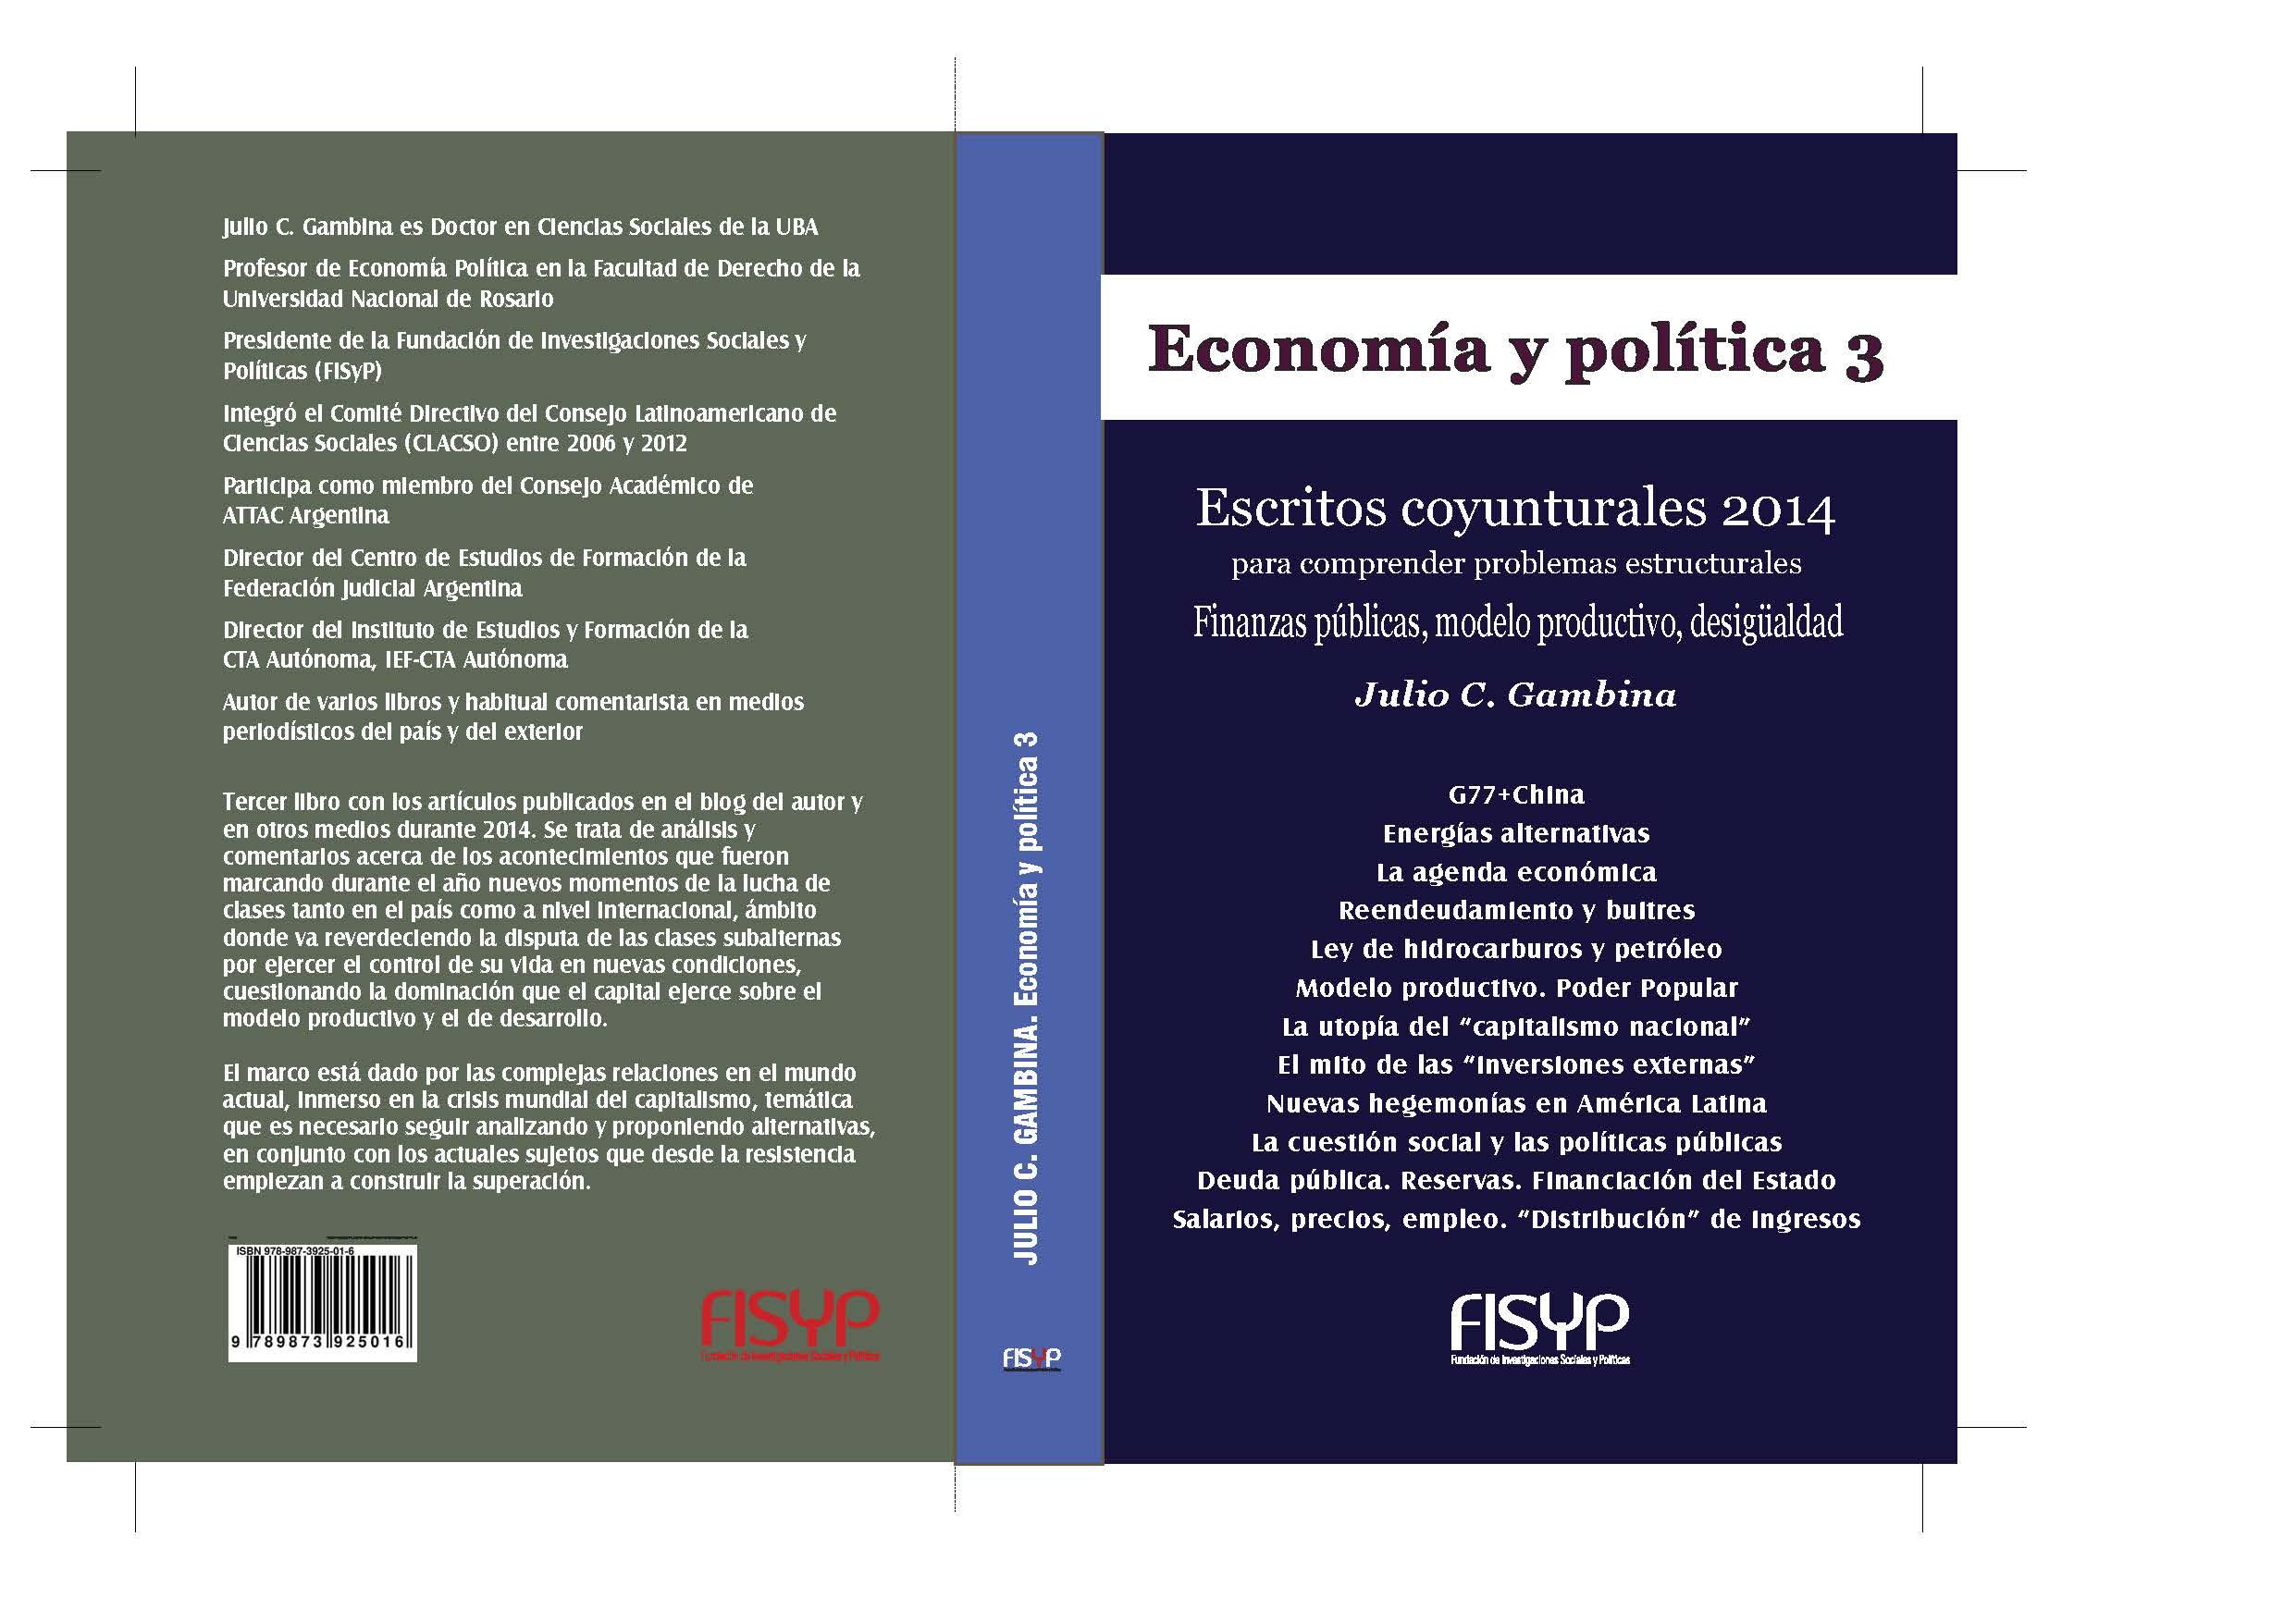 Economia politica 3